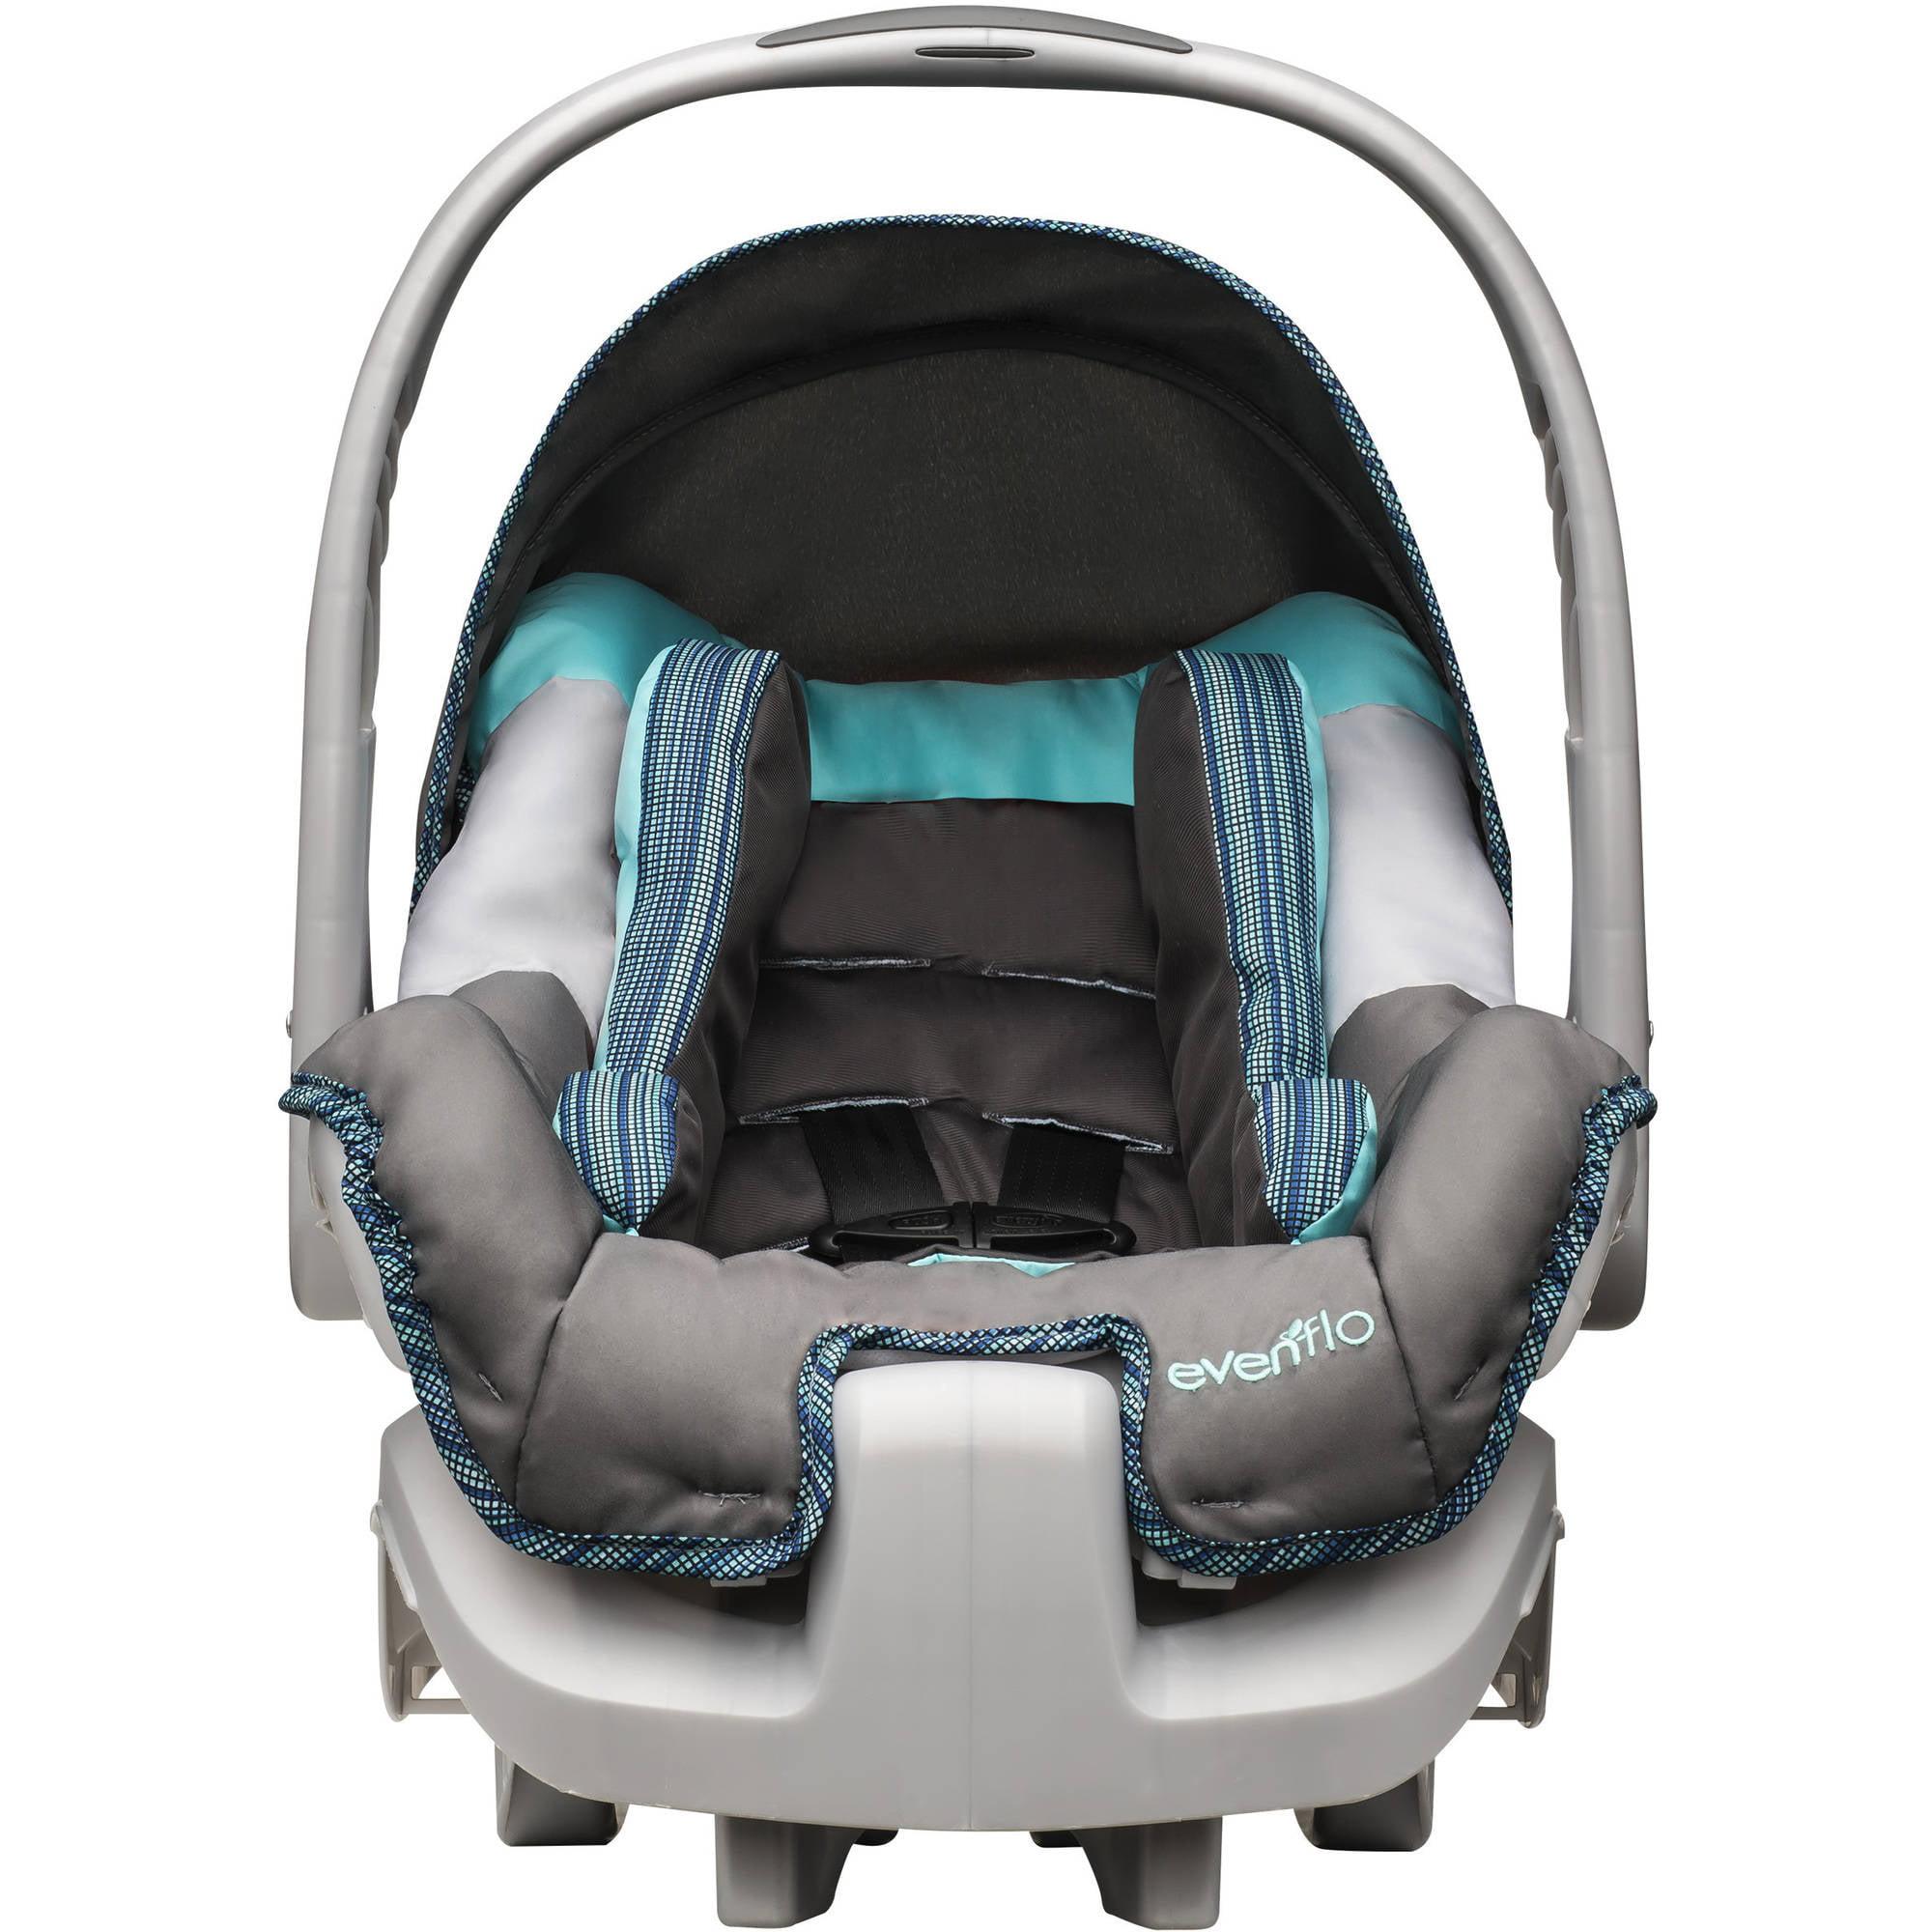 Evenflo Nurture DLX Infant Car Seat, Choose Your Pattern